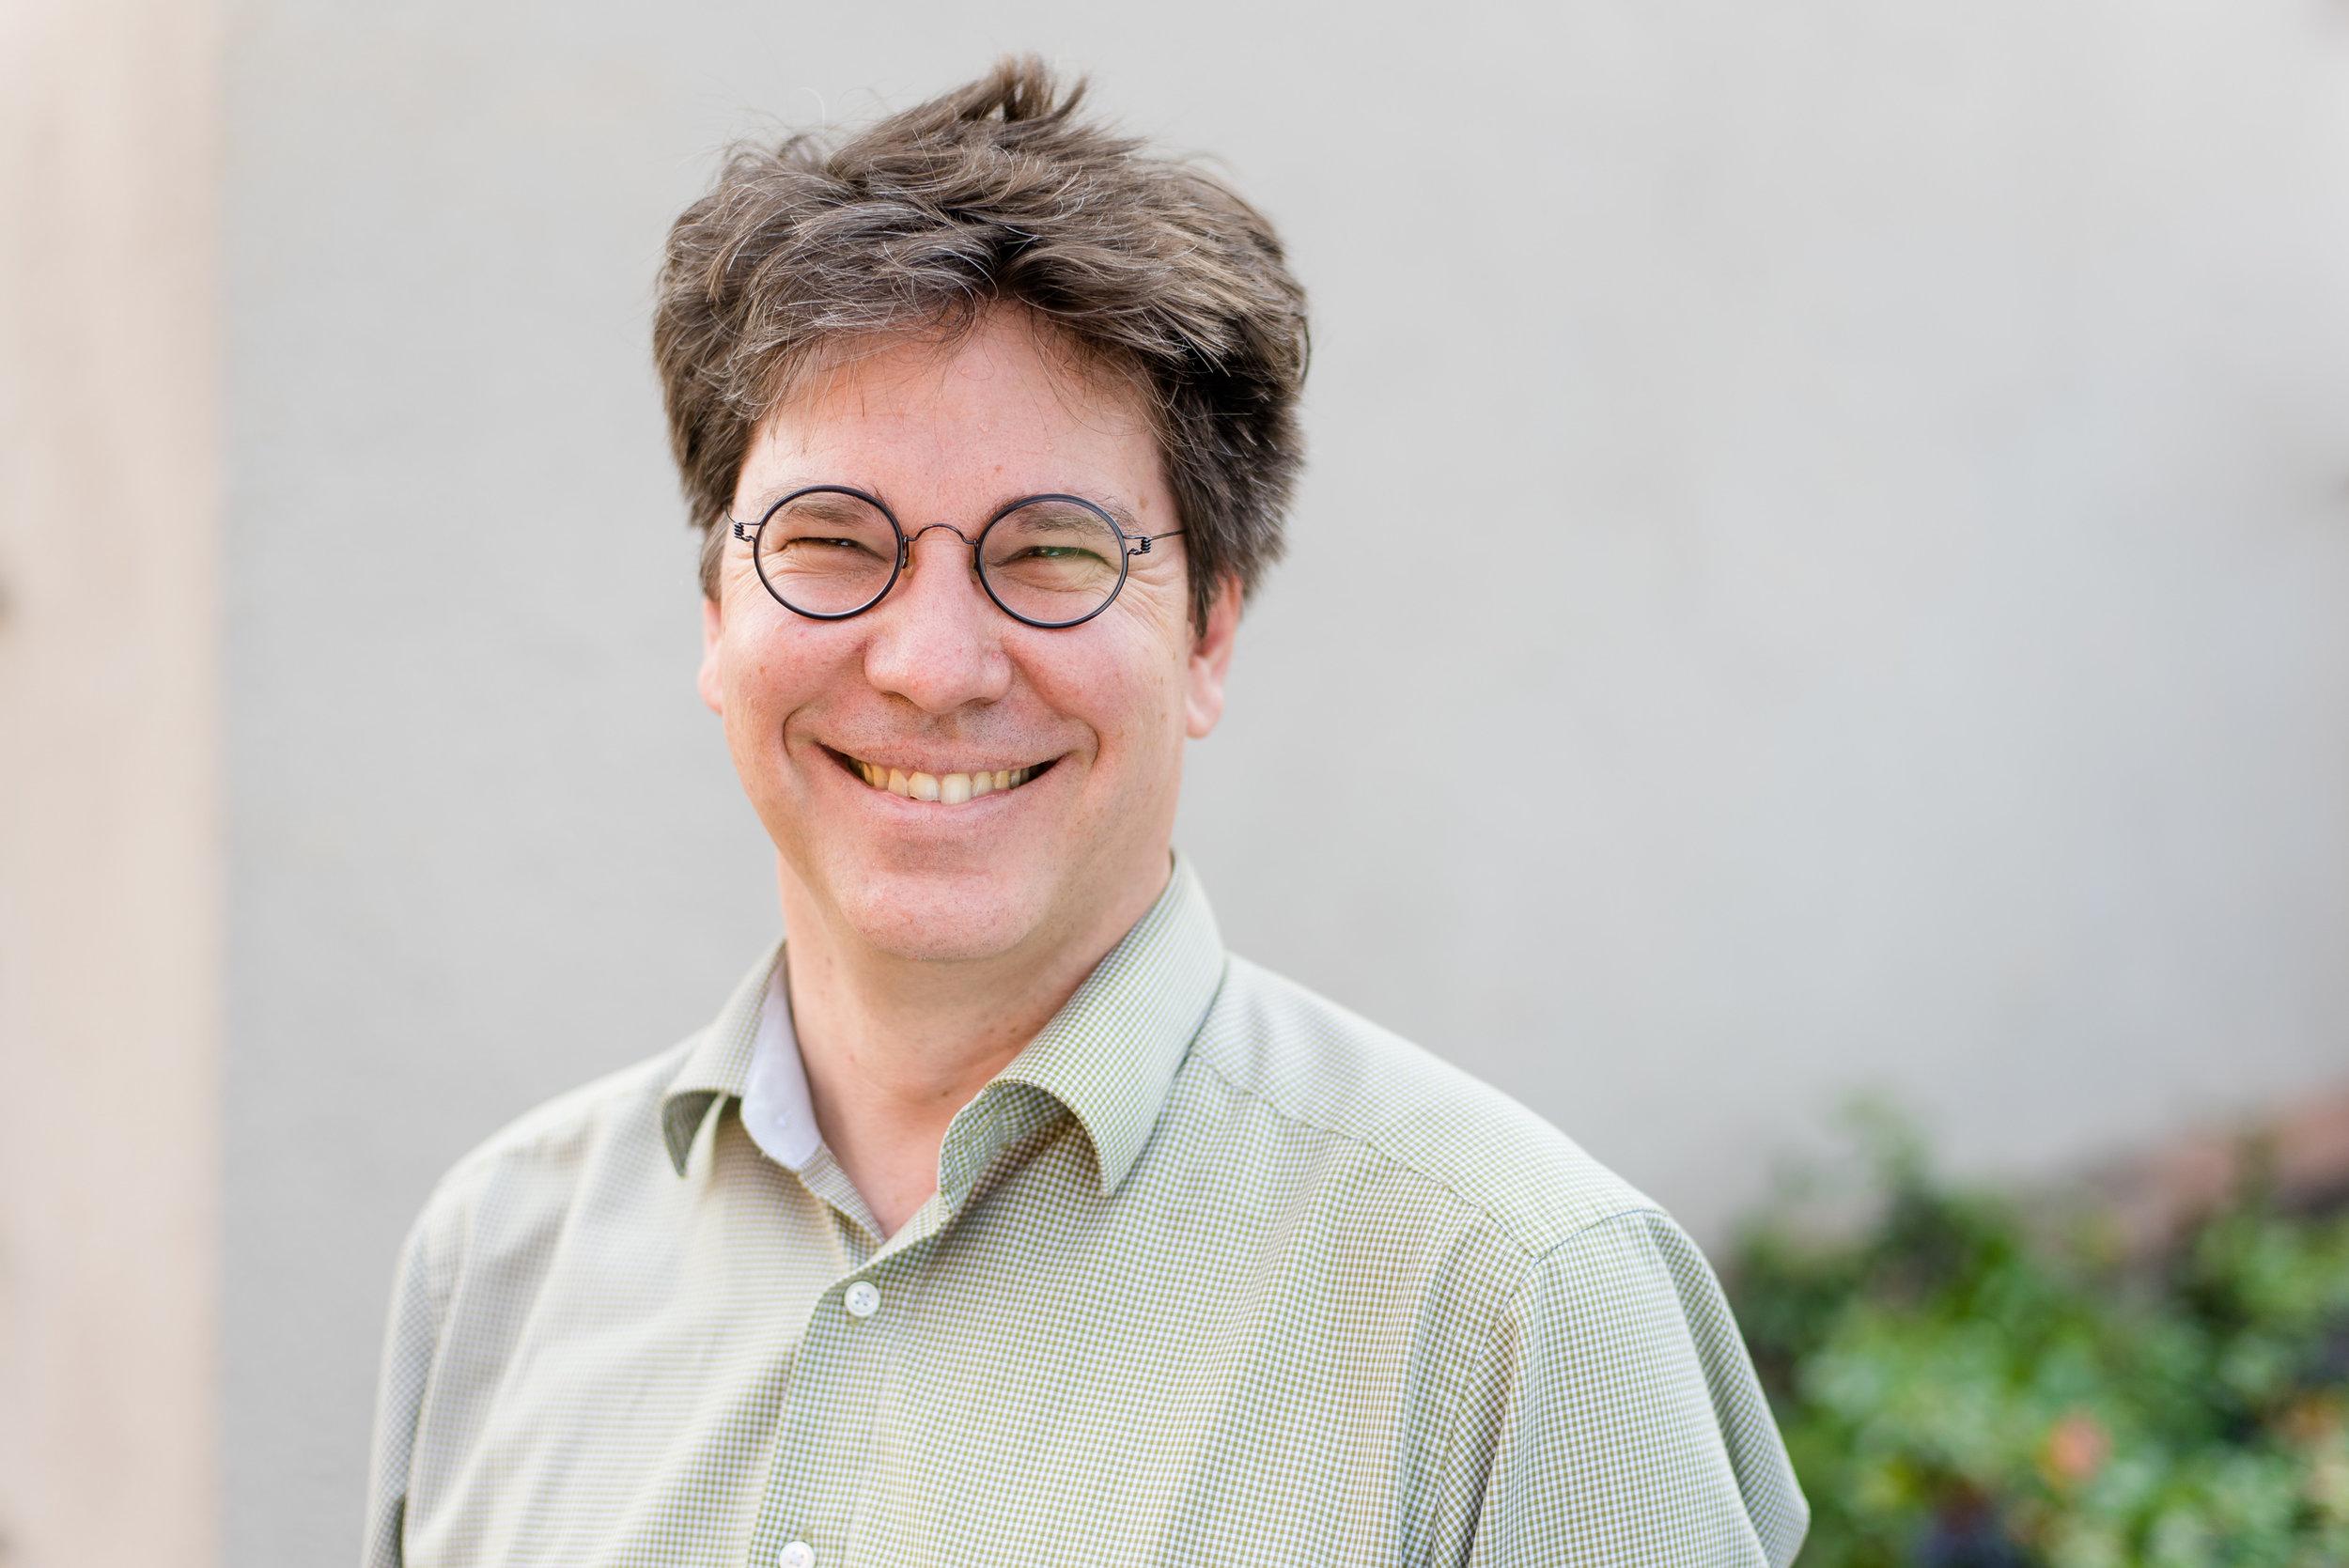 Autor für die ImBlick-Online-Redaktion: Kirchenvorsteher Stefan Schönland